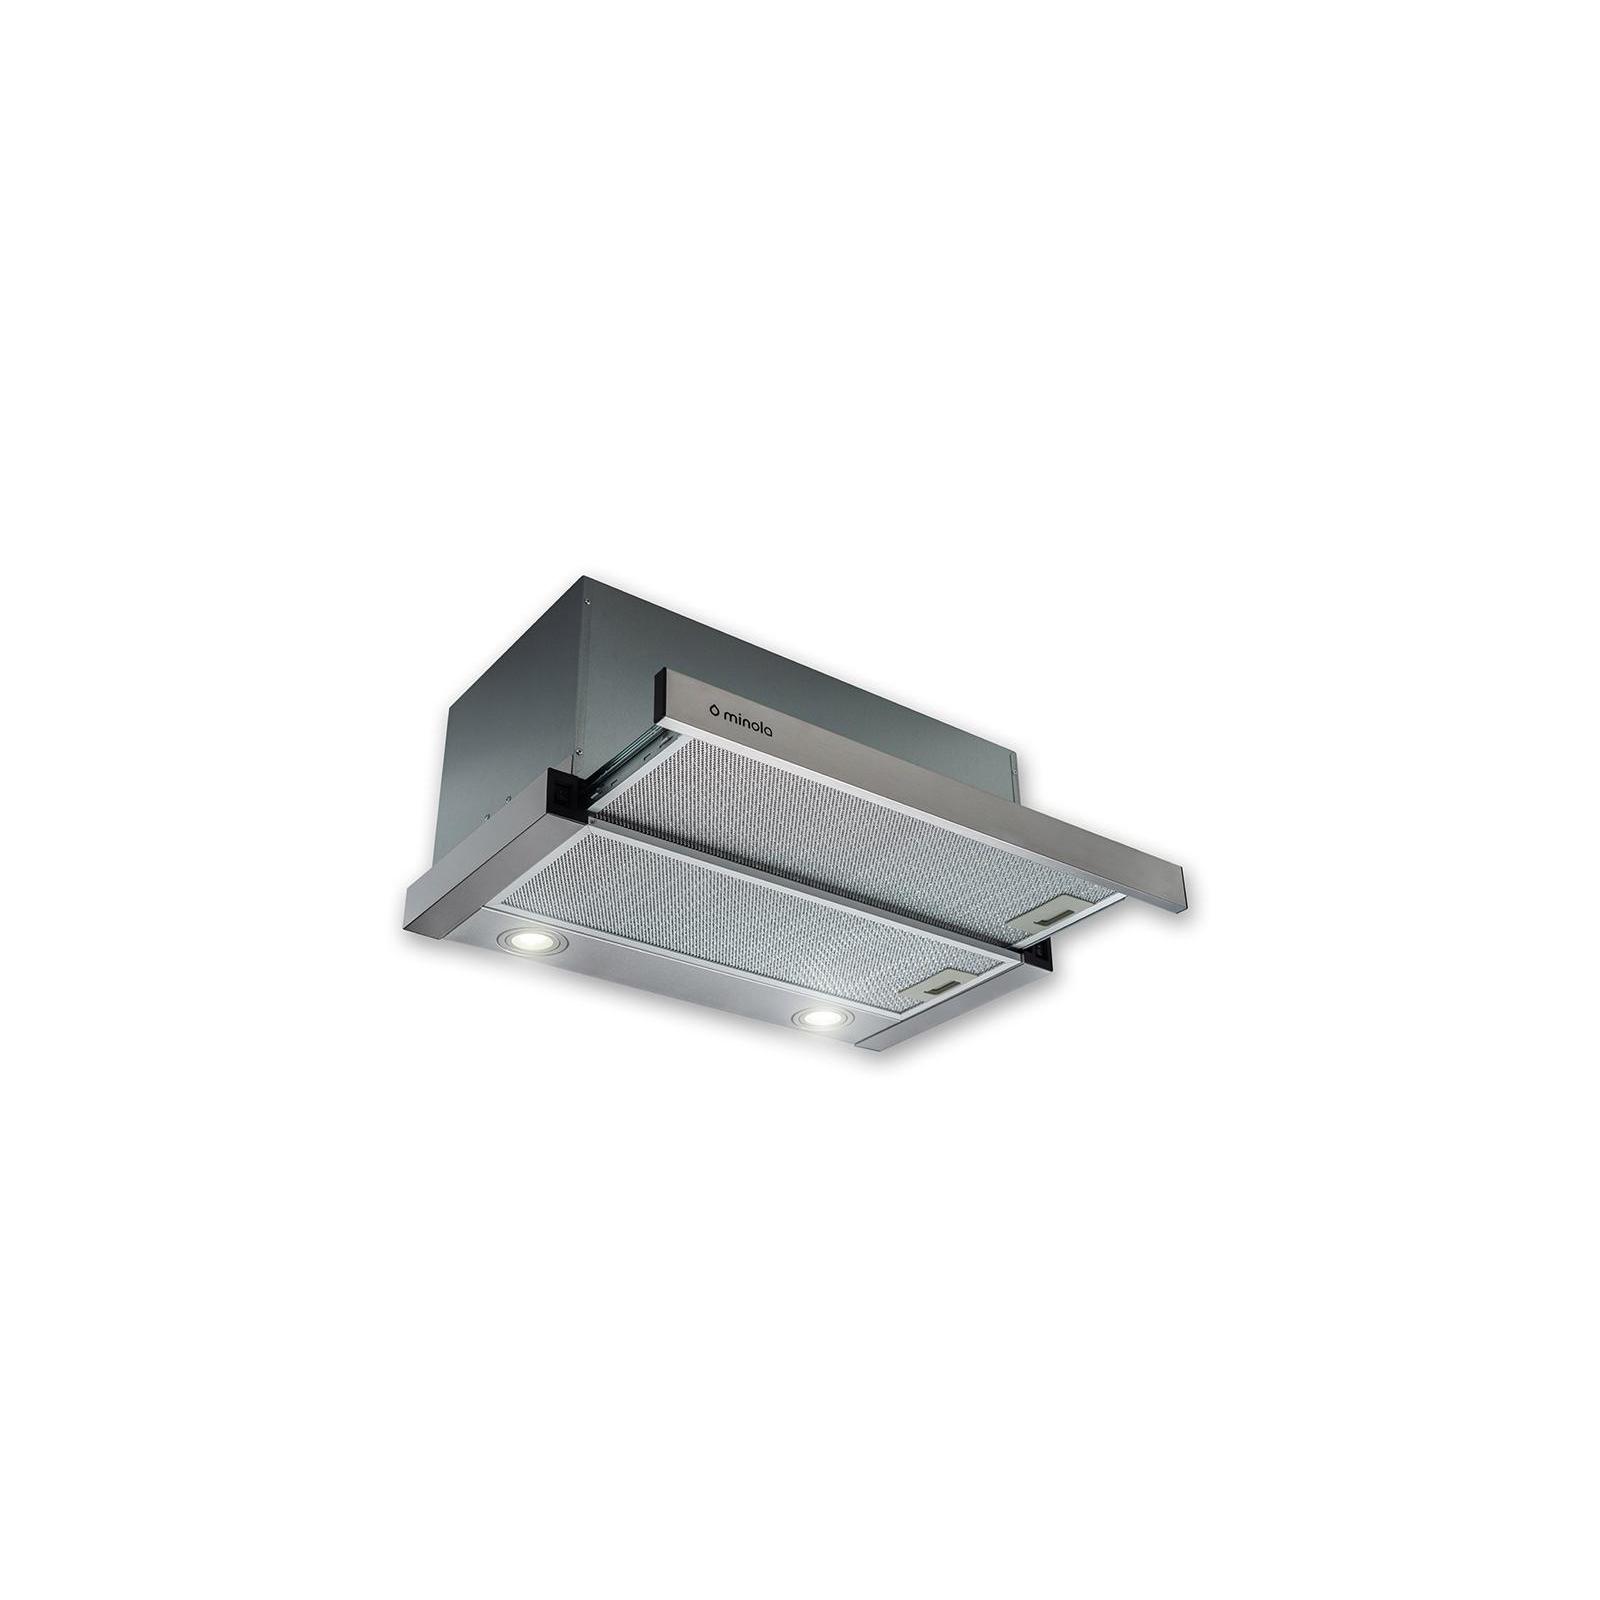 Вытяжка кухонная MINOLA HTL 6612 I 1000 LED изображение 6